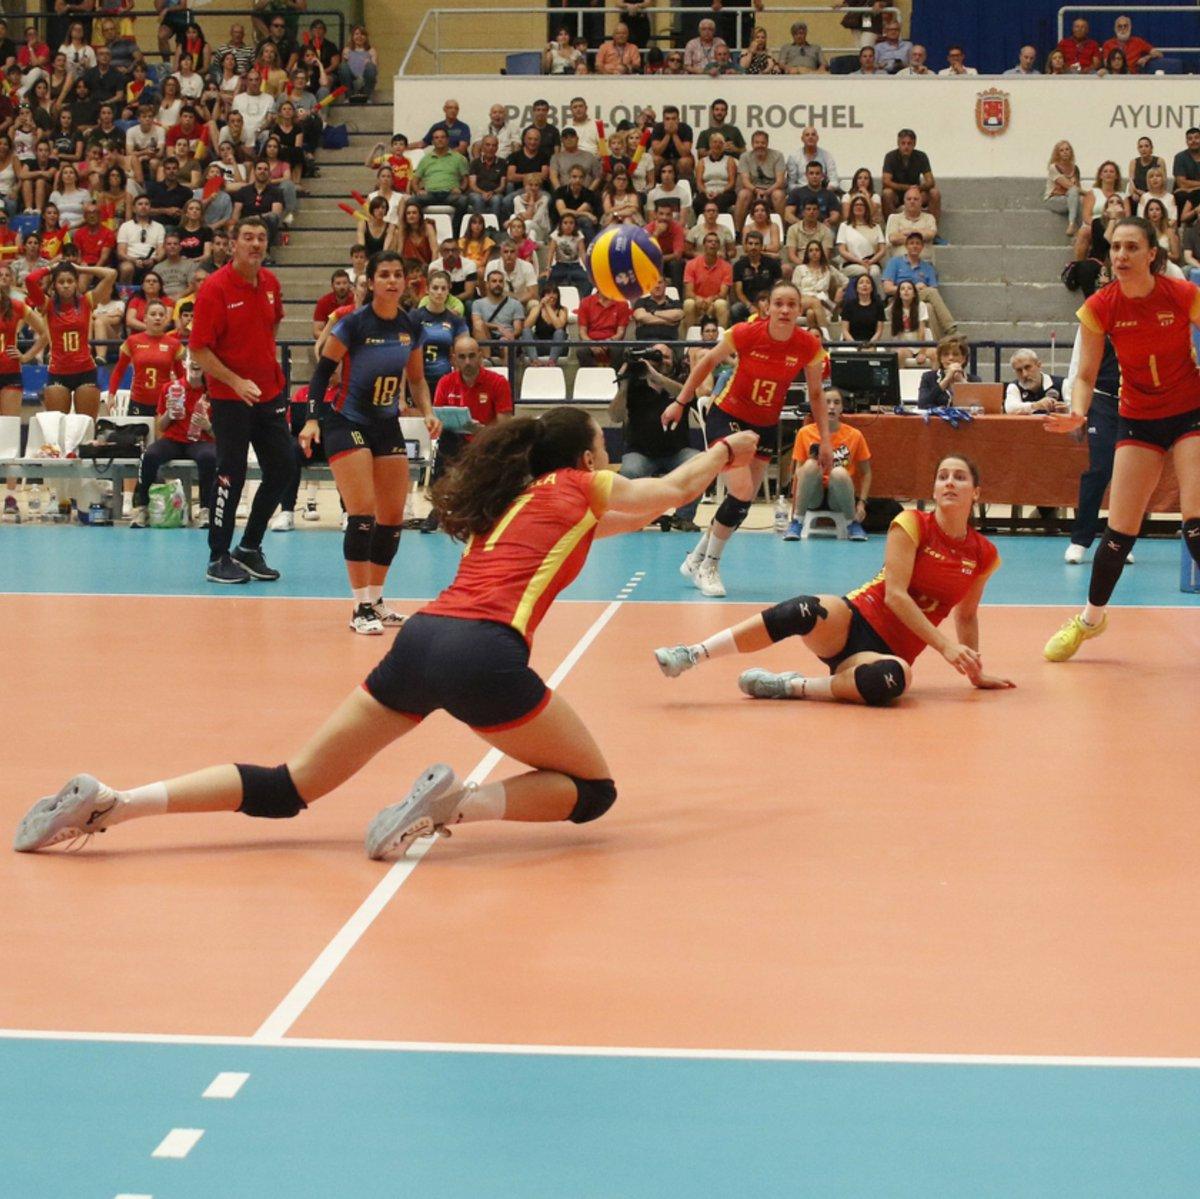 ¡A LA FINAL FOUR! Pese a perder 2-3 contra #Bielorrusia en Alicante, @VoleyFemAbs se clasifican para la #F4 de la liga Europea de #voleibol donde lucharán por jugar el año que viene en la liga mundial 📷 @RFEVB